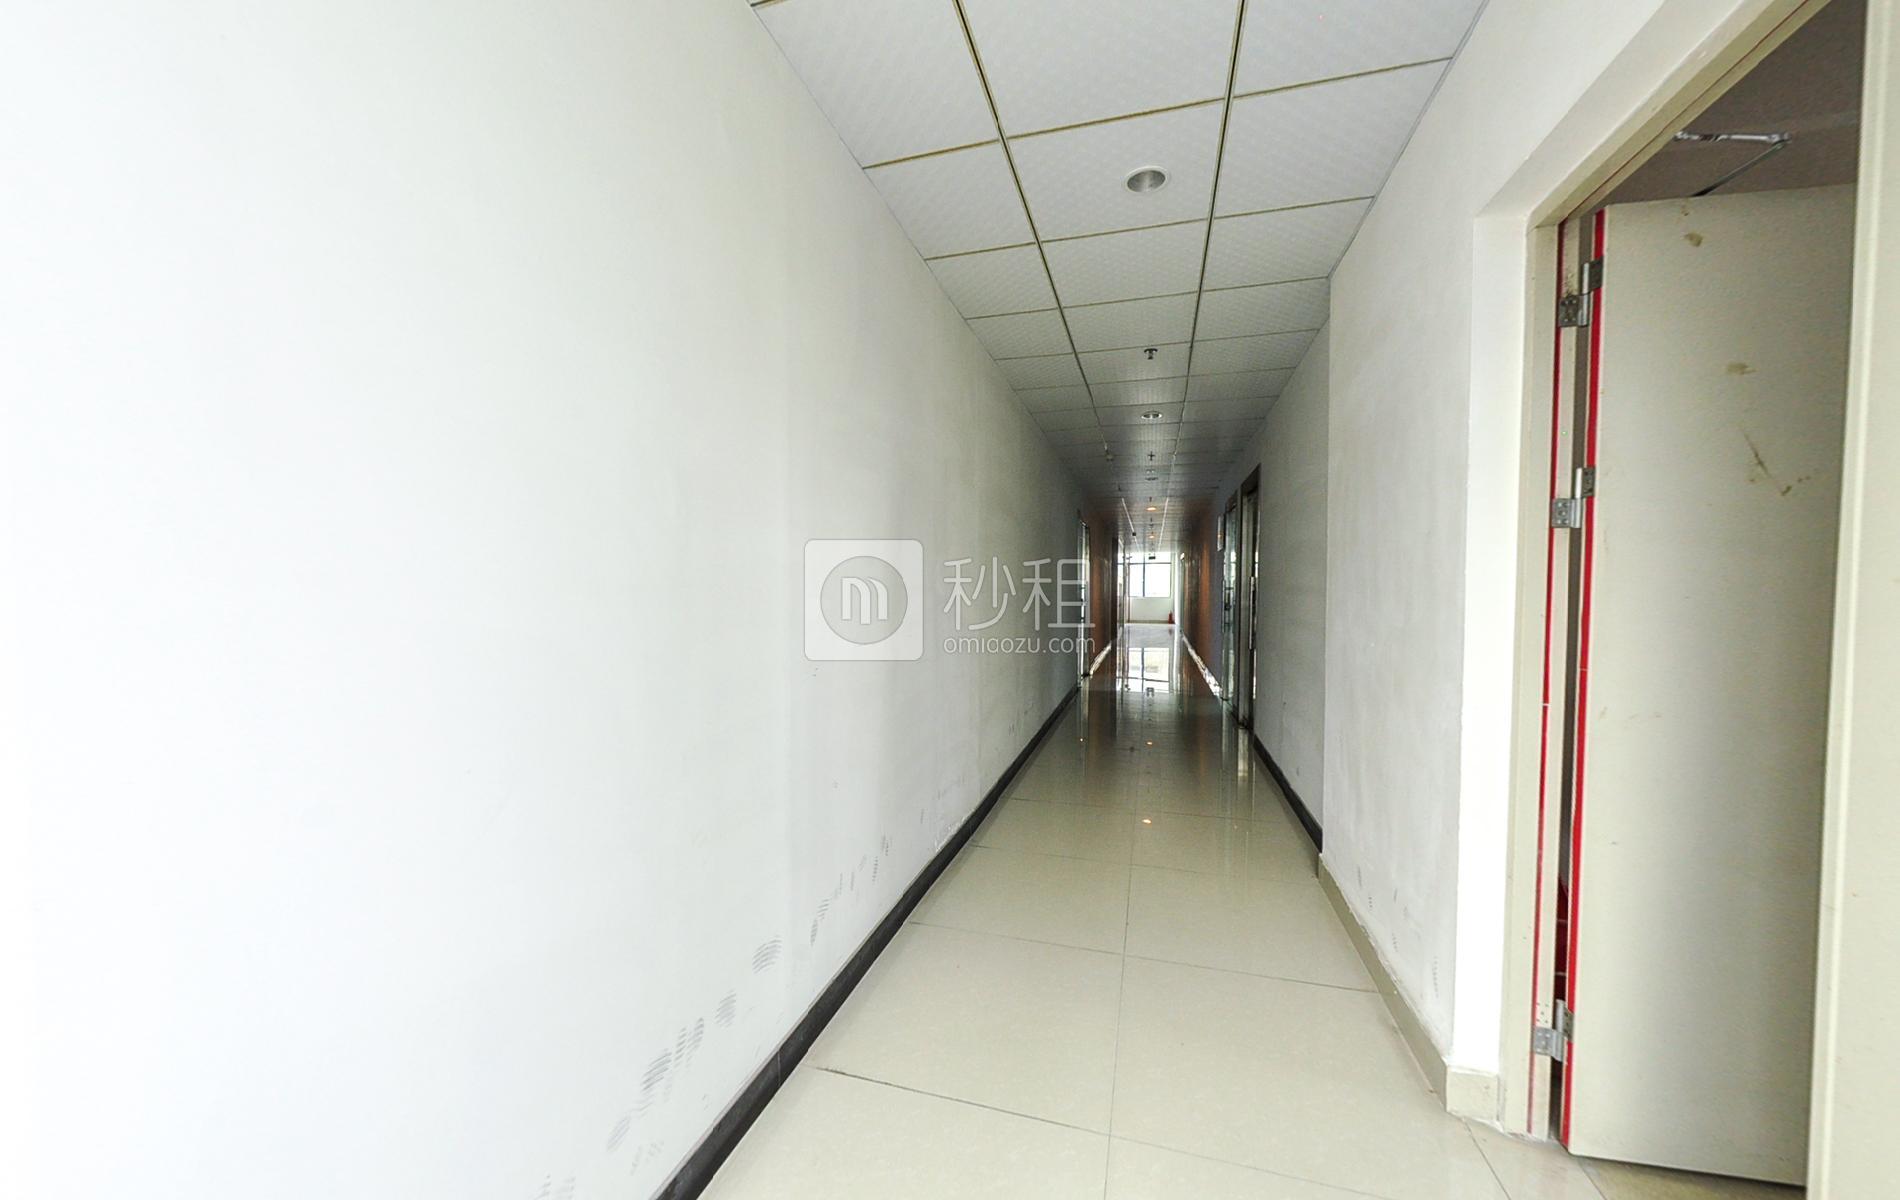 华通大厦(龙华)写字楼出租/招租/租赁,华通大厦(龙华)办公室出租/招租/租赁